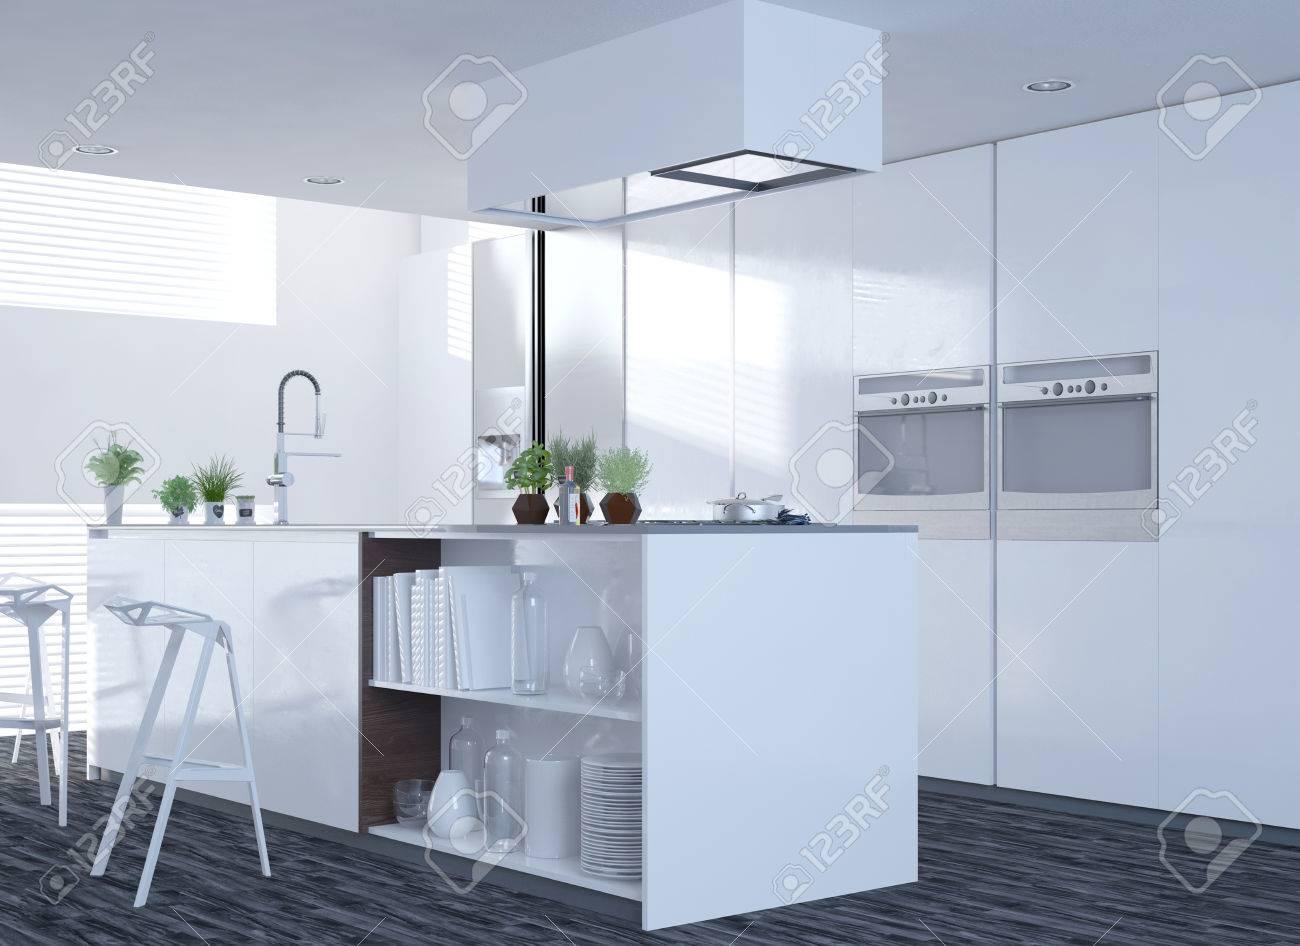 Moderne Saubere Weiße Küche Interieur Mit Einem Offenen Design Und ...